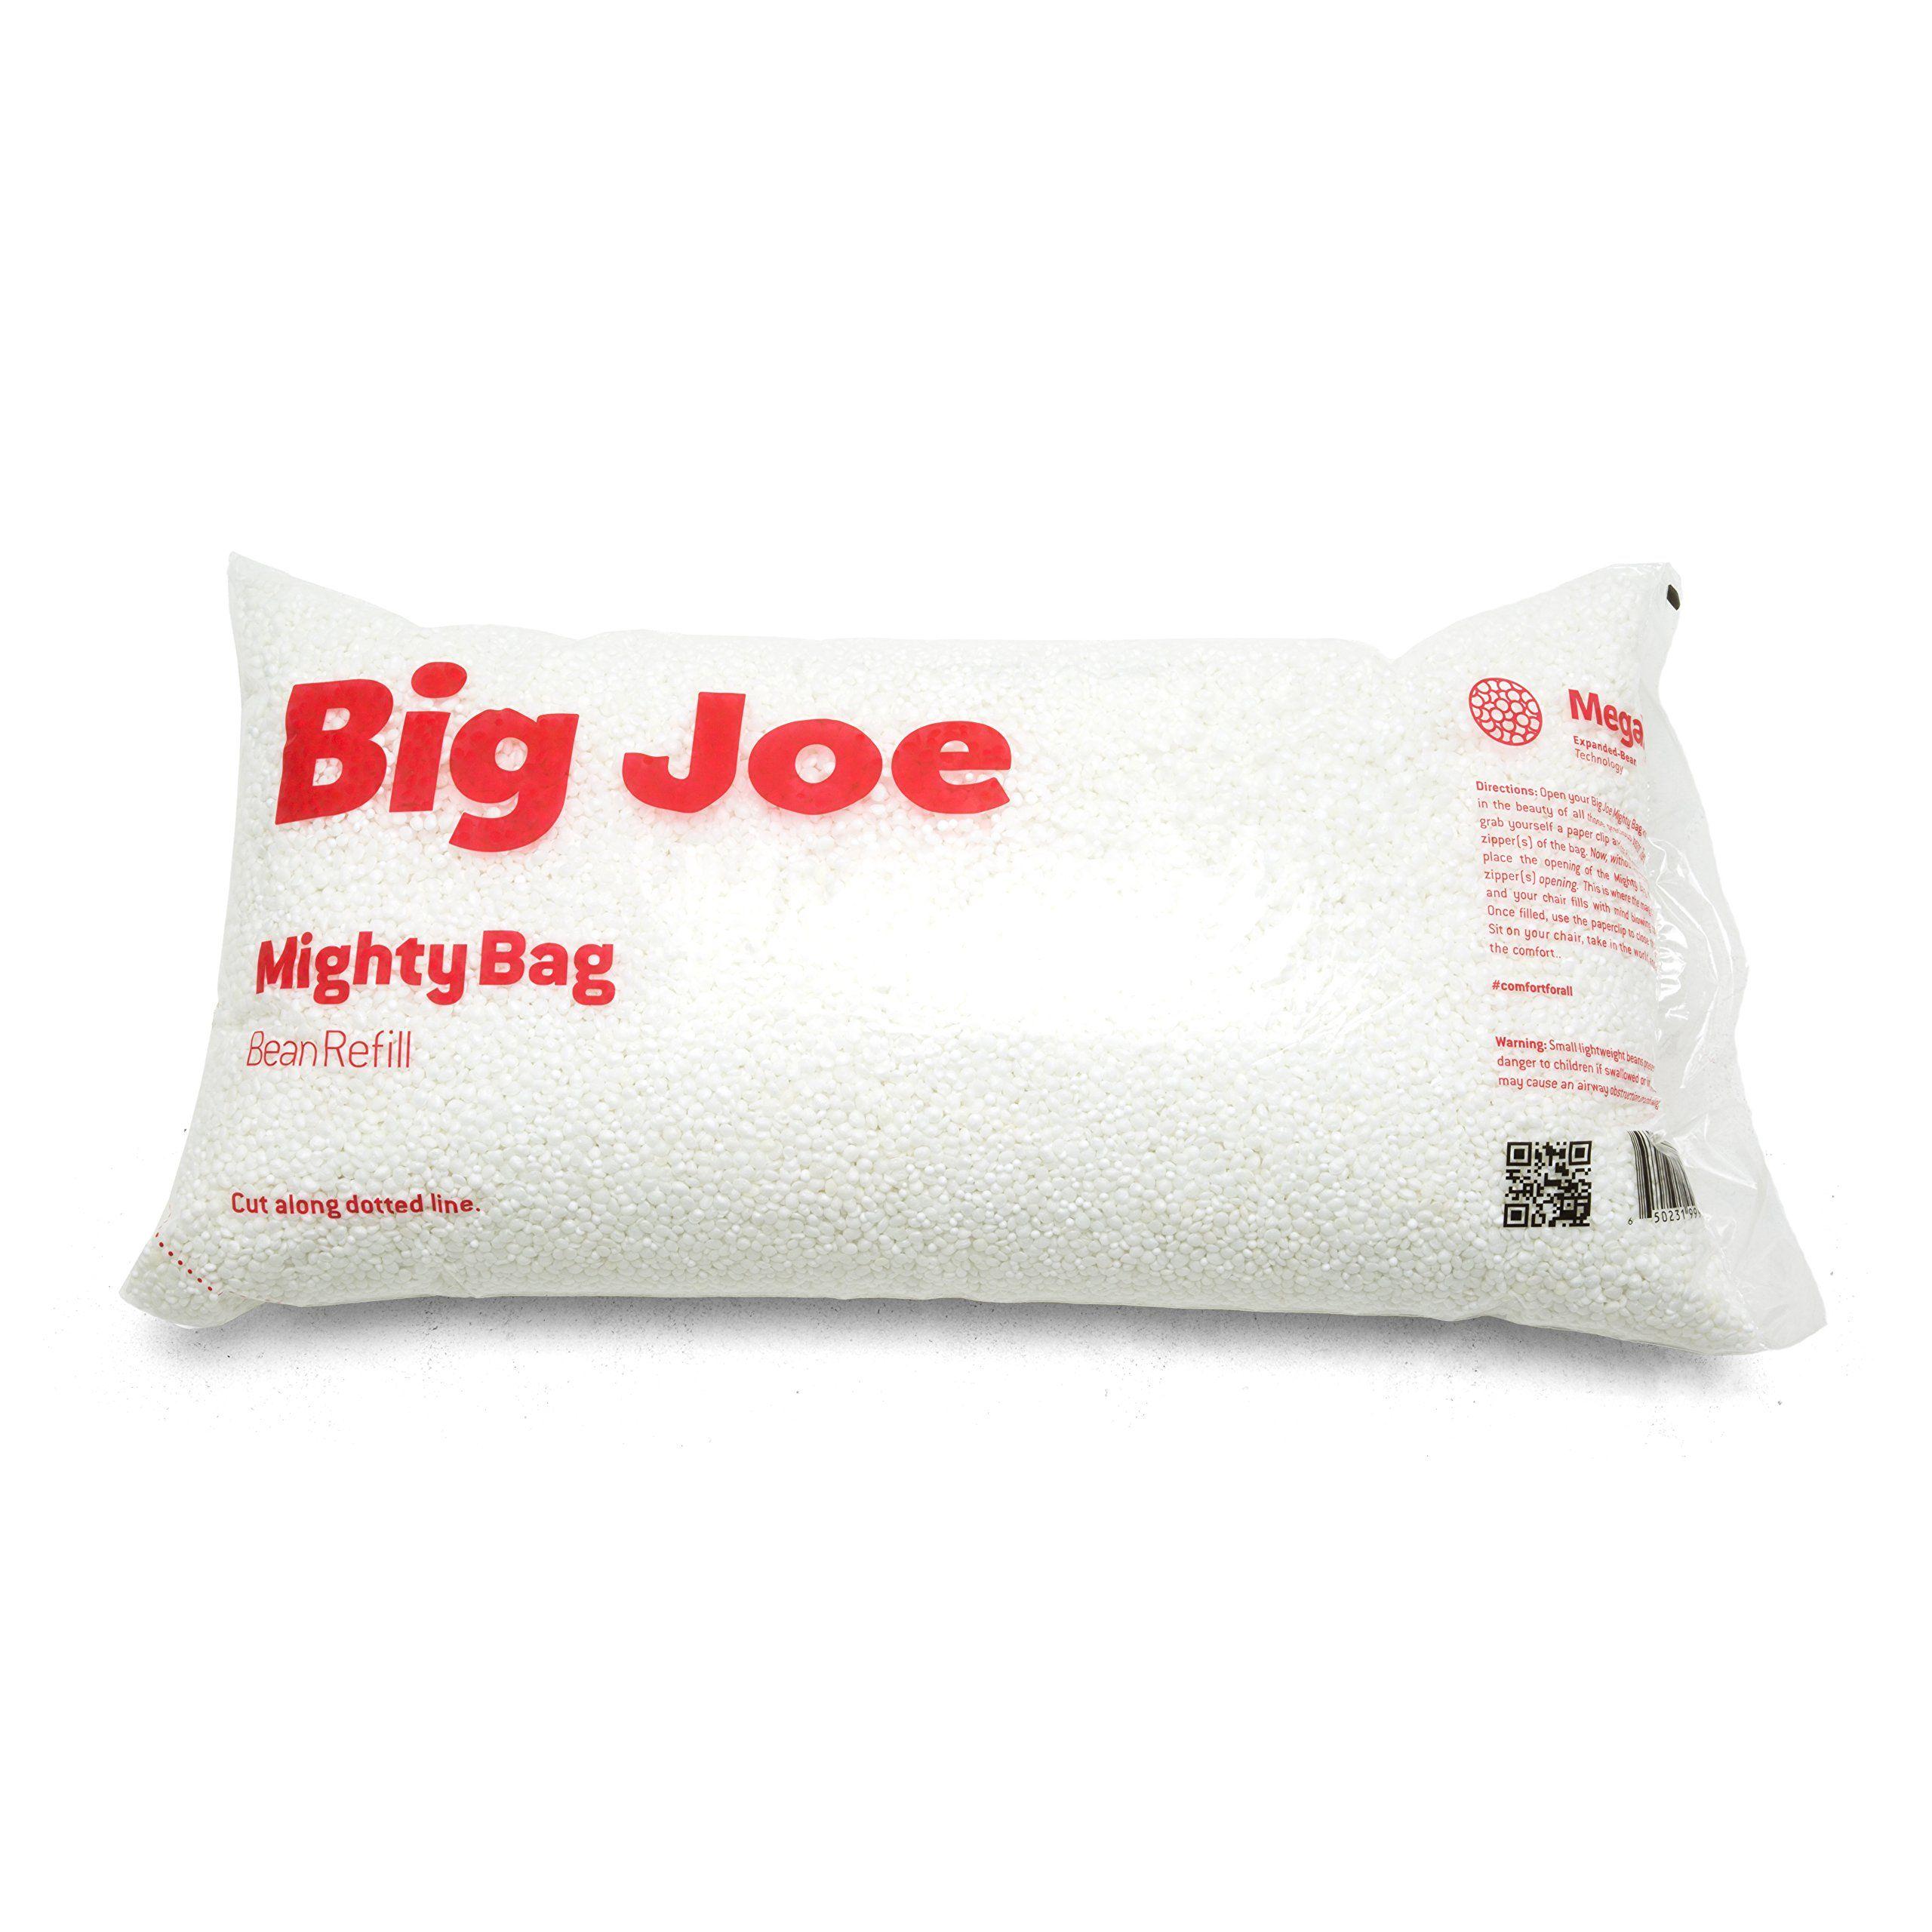 Big Joe Comfort Research Megahh UltimaX Bean Bags Refill